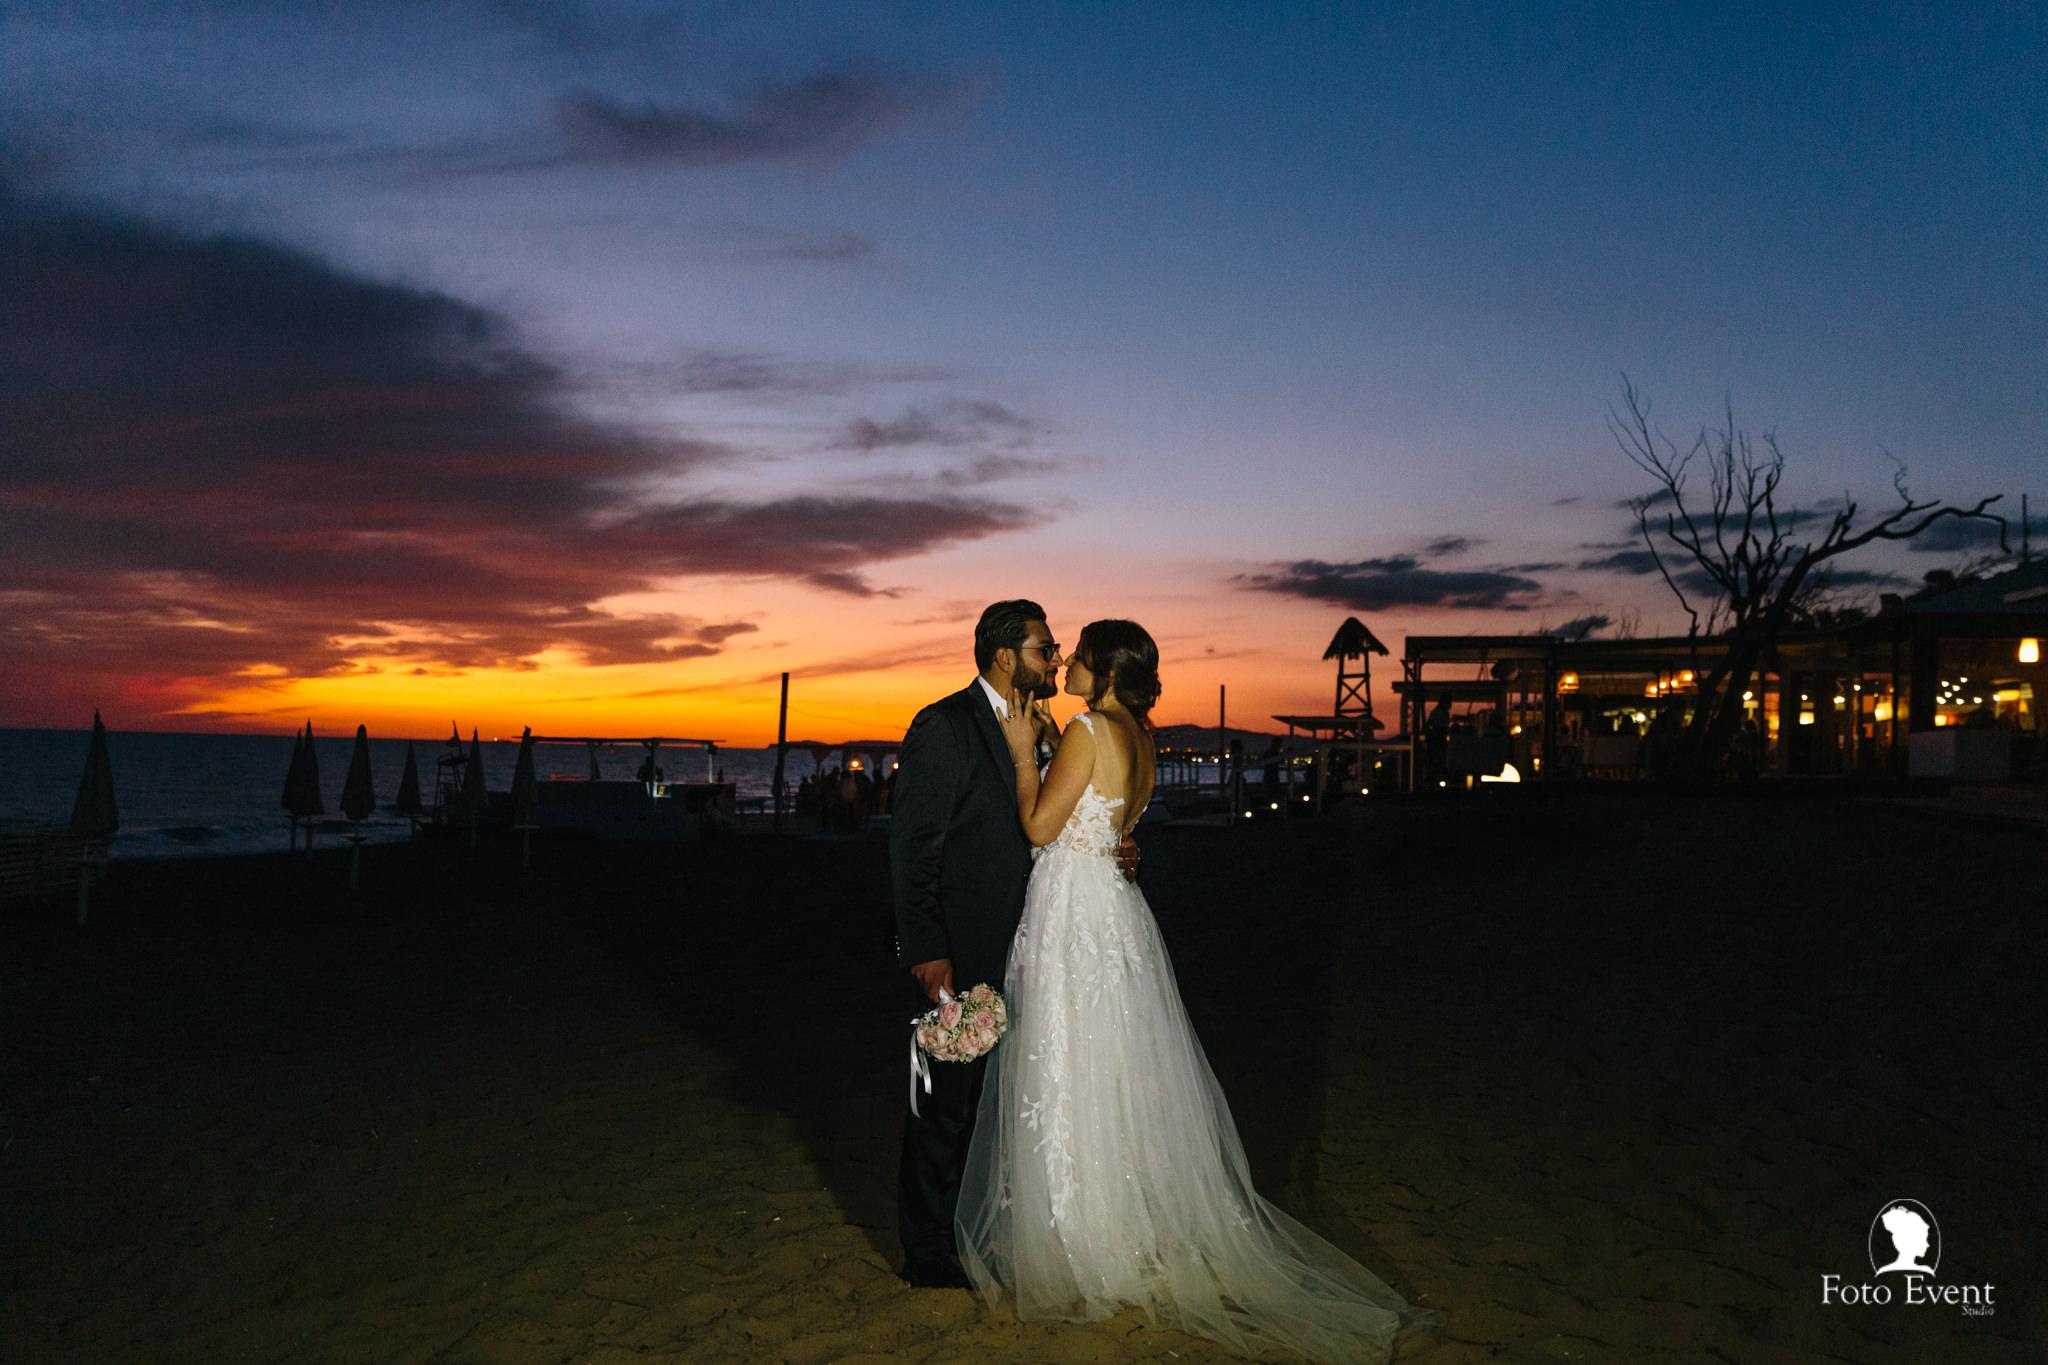 036-2019-09-09-Matrimonio-Dorotea-e-Alberto-Iemmolo-5DE-1126